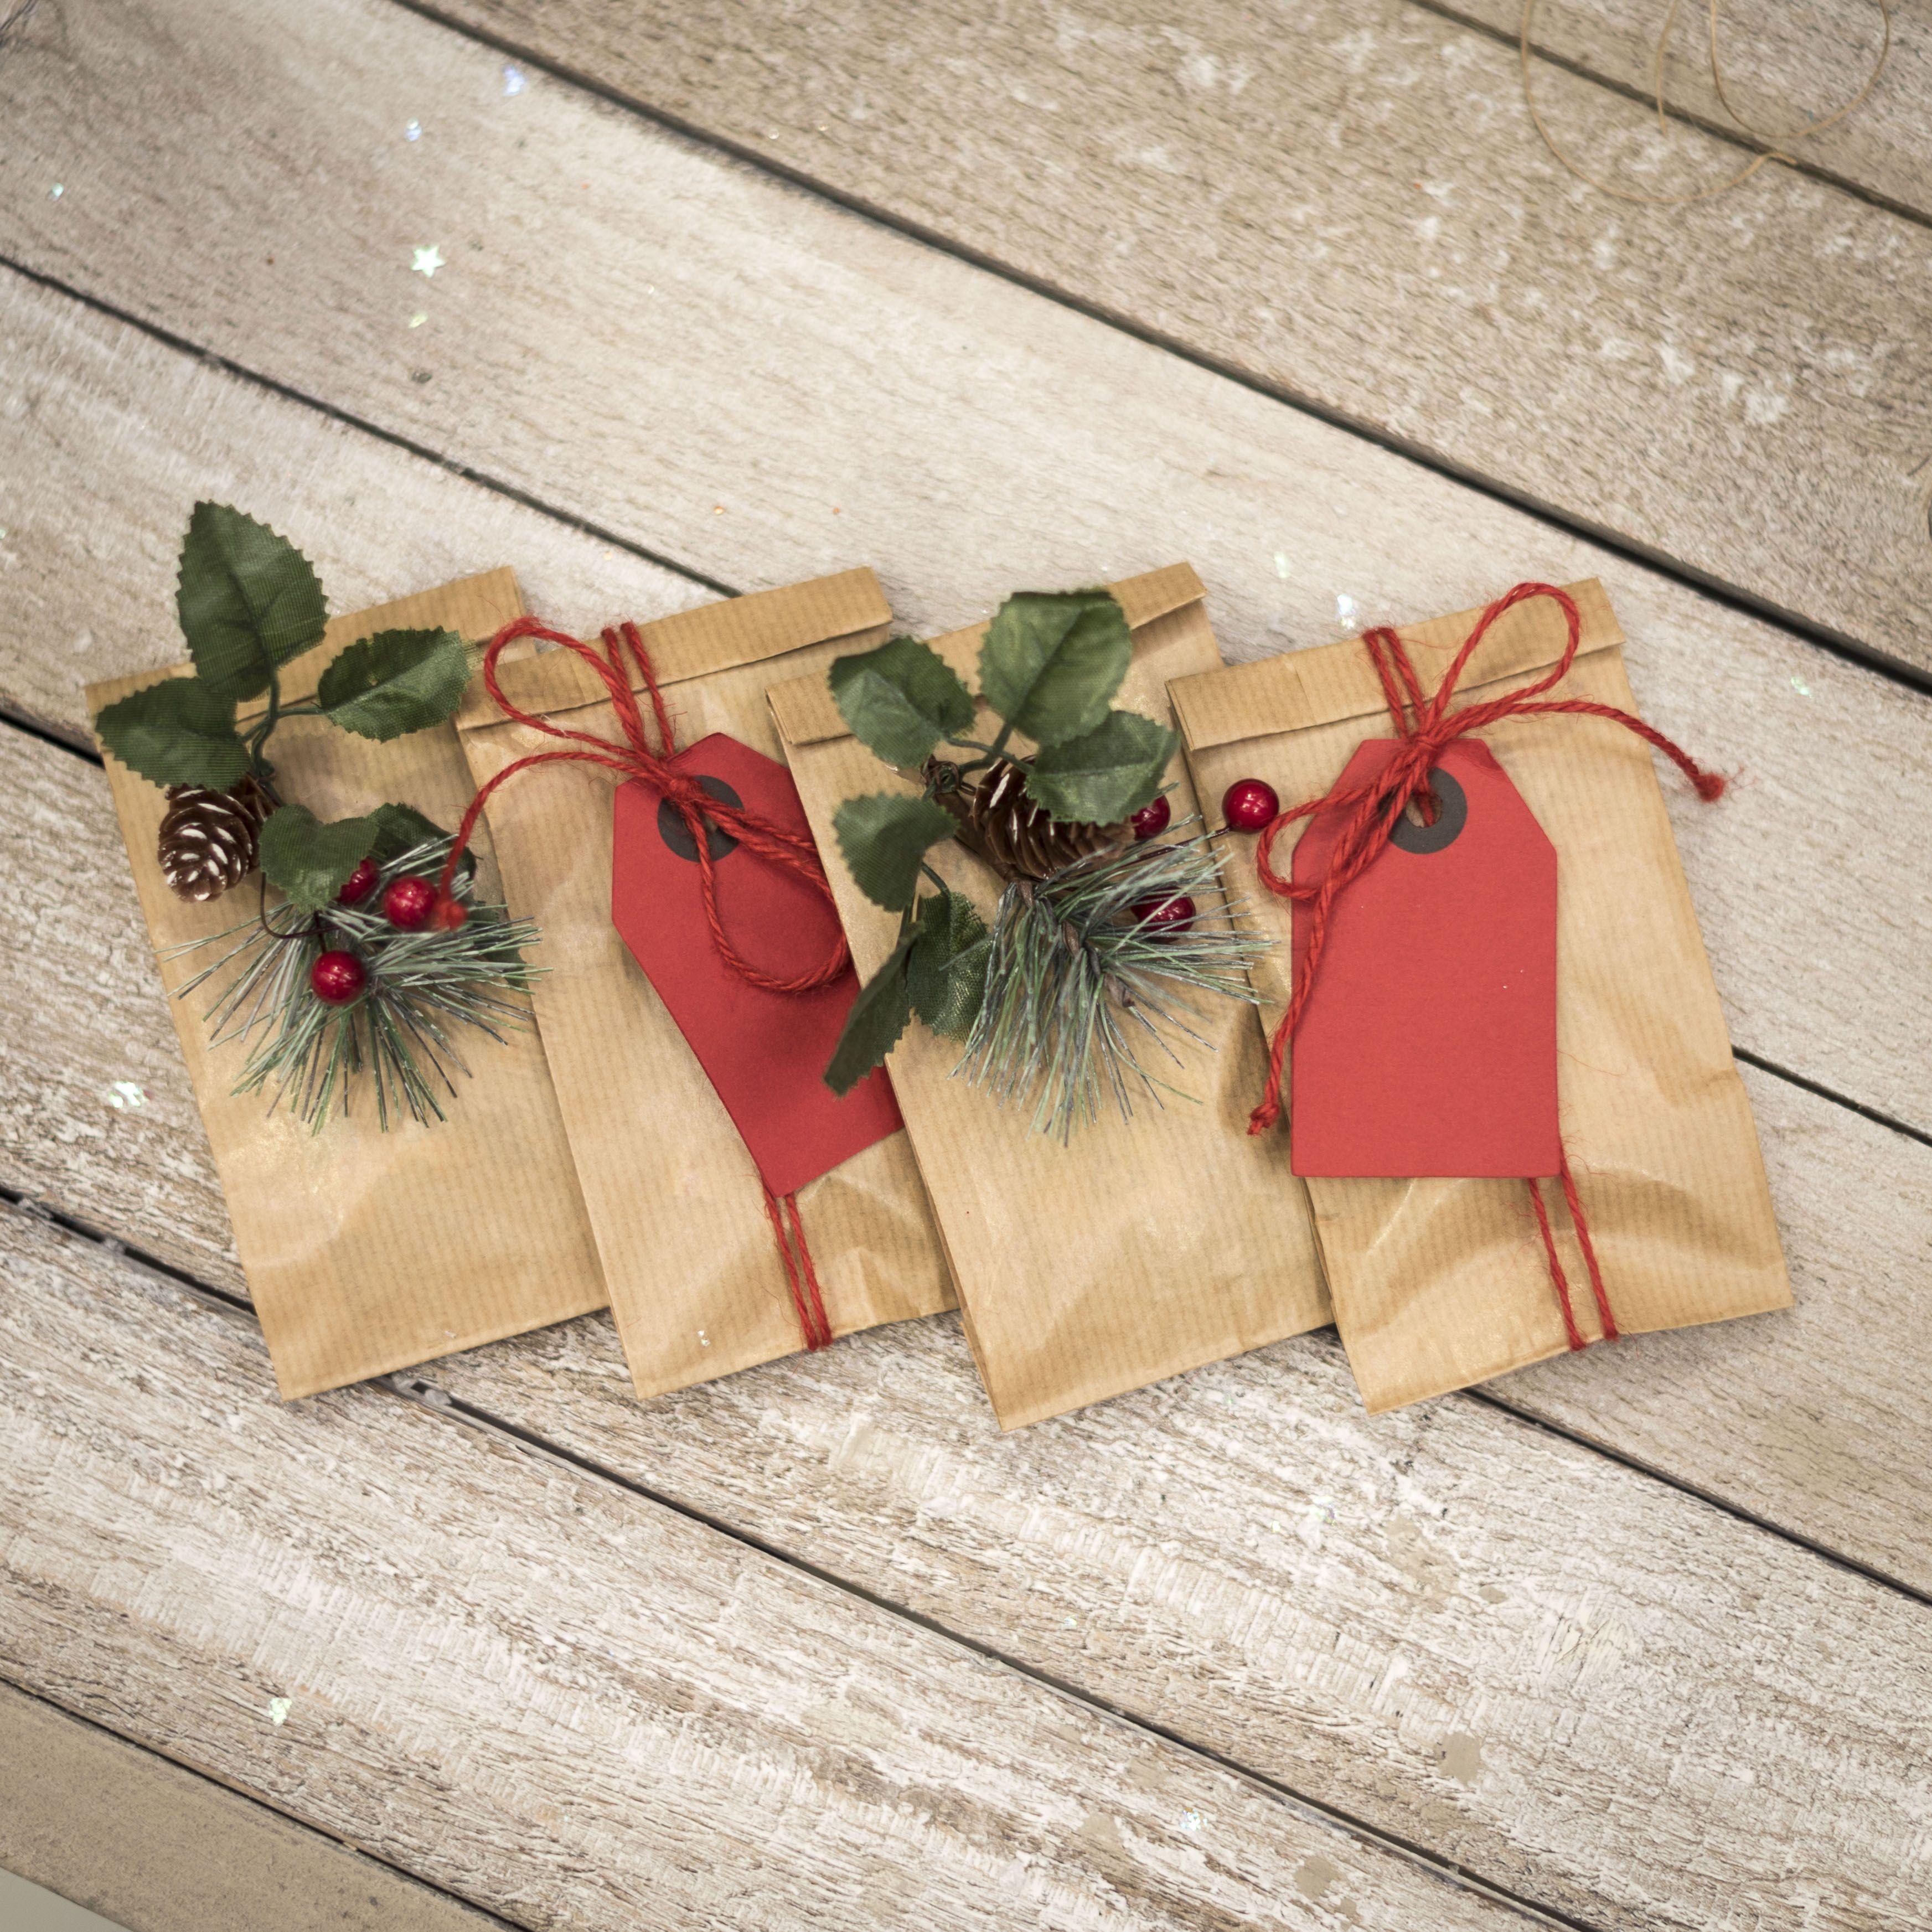 Confezioni Per Regali Di Natale.Idea Fai Da Te Per Piccoli Regali Di Natale Usa Dei Sacchettini In Carta Avana E C Piccoli Regali Di Natale Confezionare Regali Fai Da Te Confezioni Natalizie